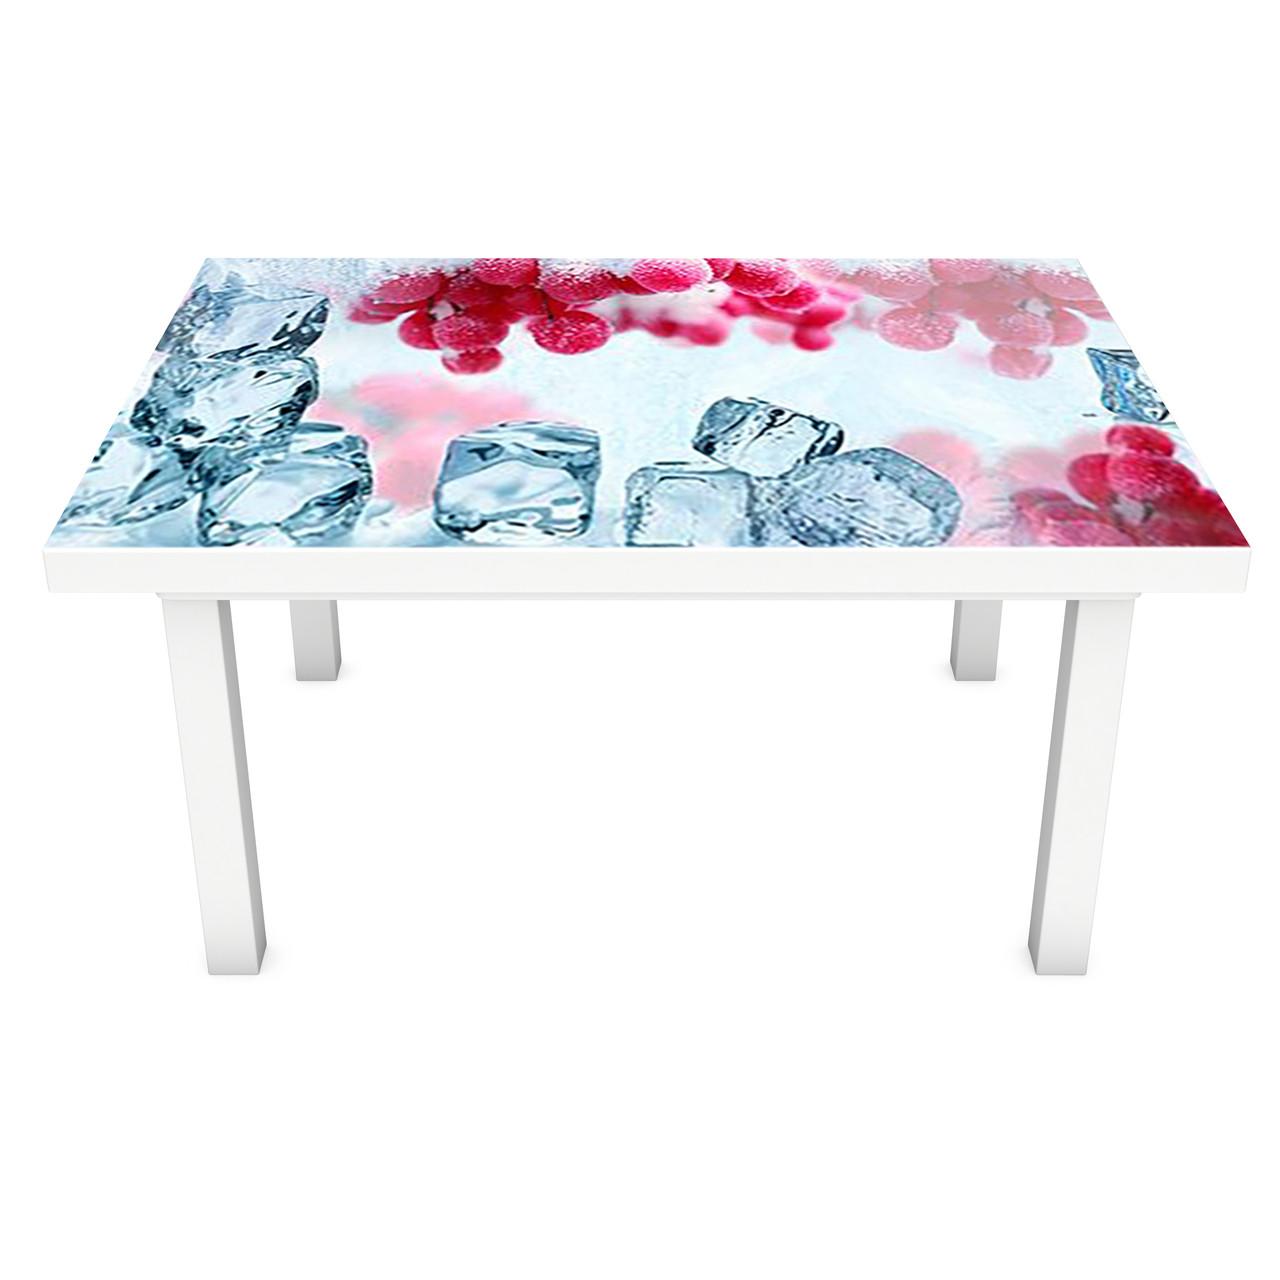 Наклейка на стіл вінілова Зимова Калина на меблі інтер'єрна ПВХ плівка лід червоні ягоди зима 600*1200 мм